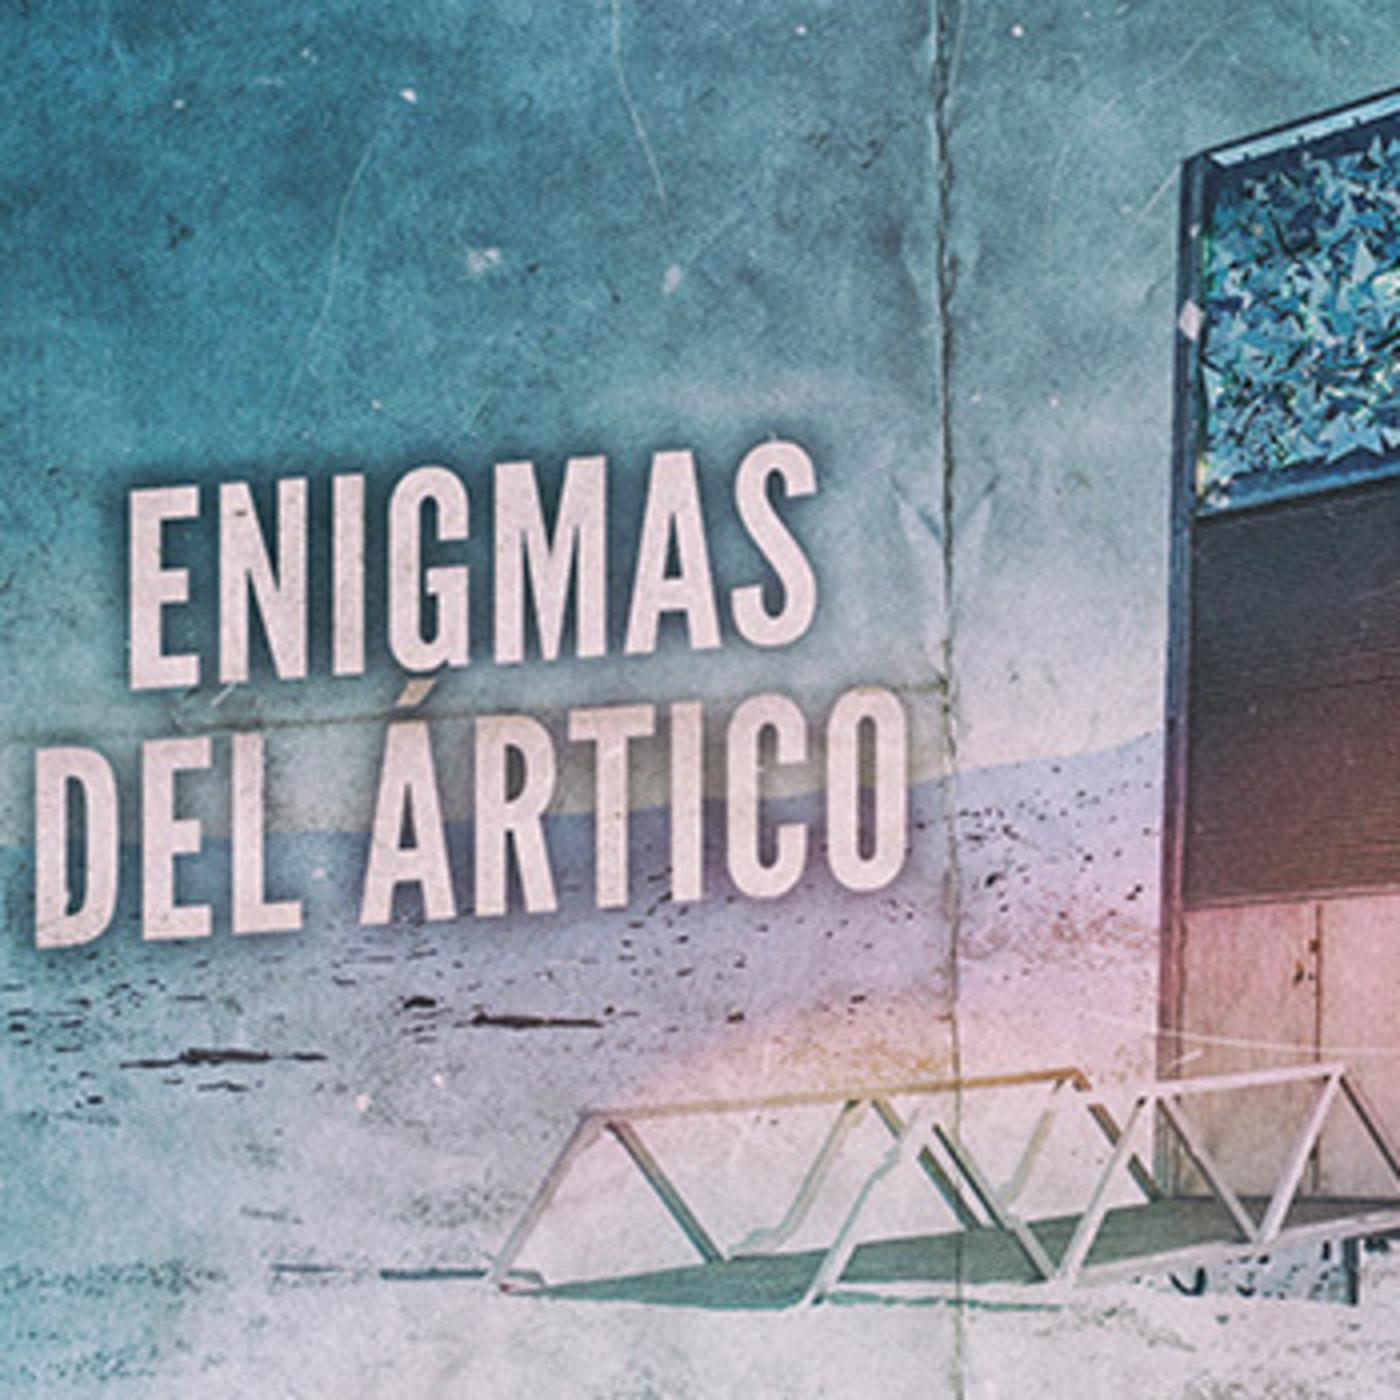 Cuarto milenio (10/02/2019) 14x24: Enigmas del Ártico en Cuarto ...